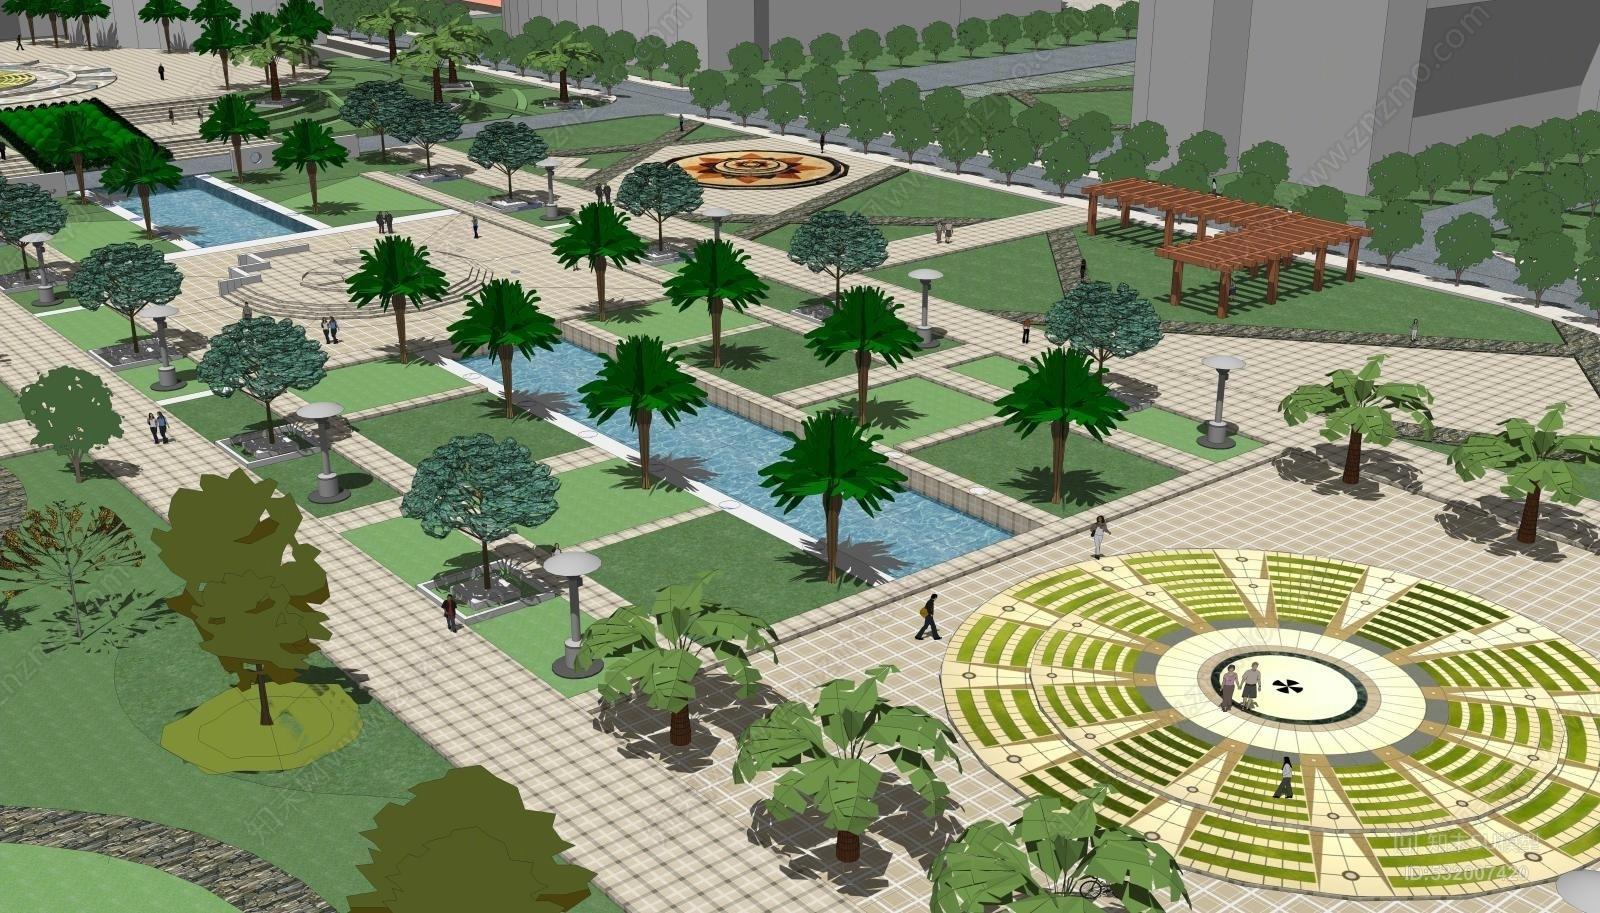 大学广场 现代主义